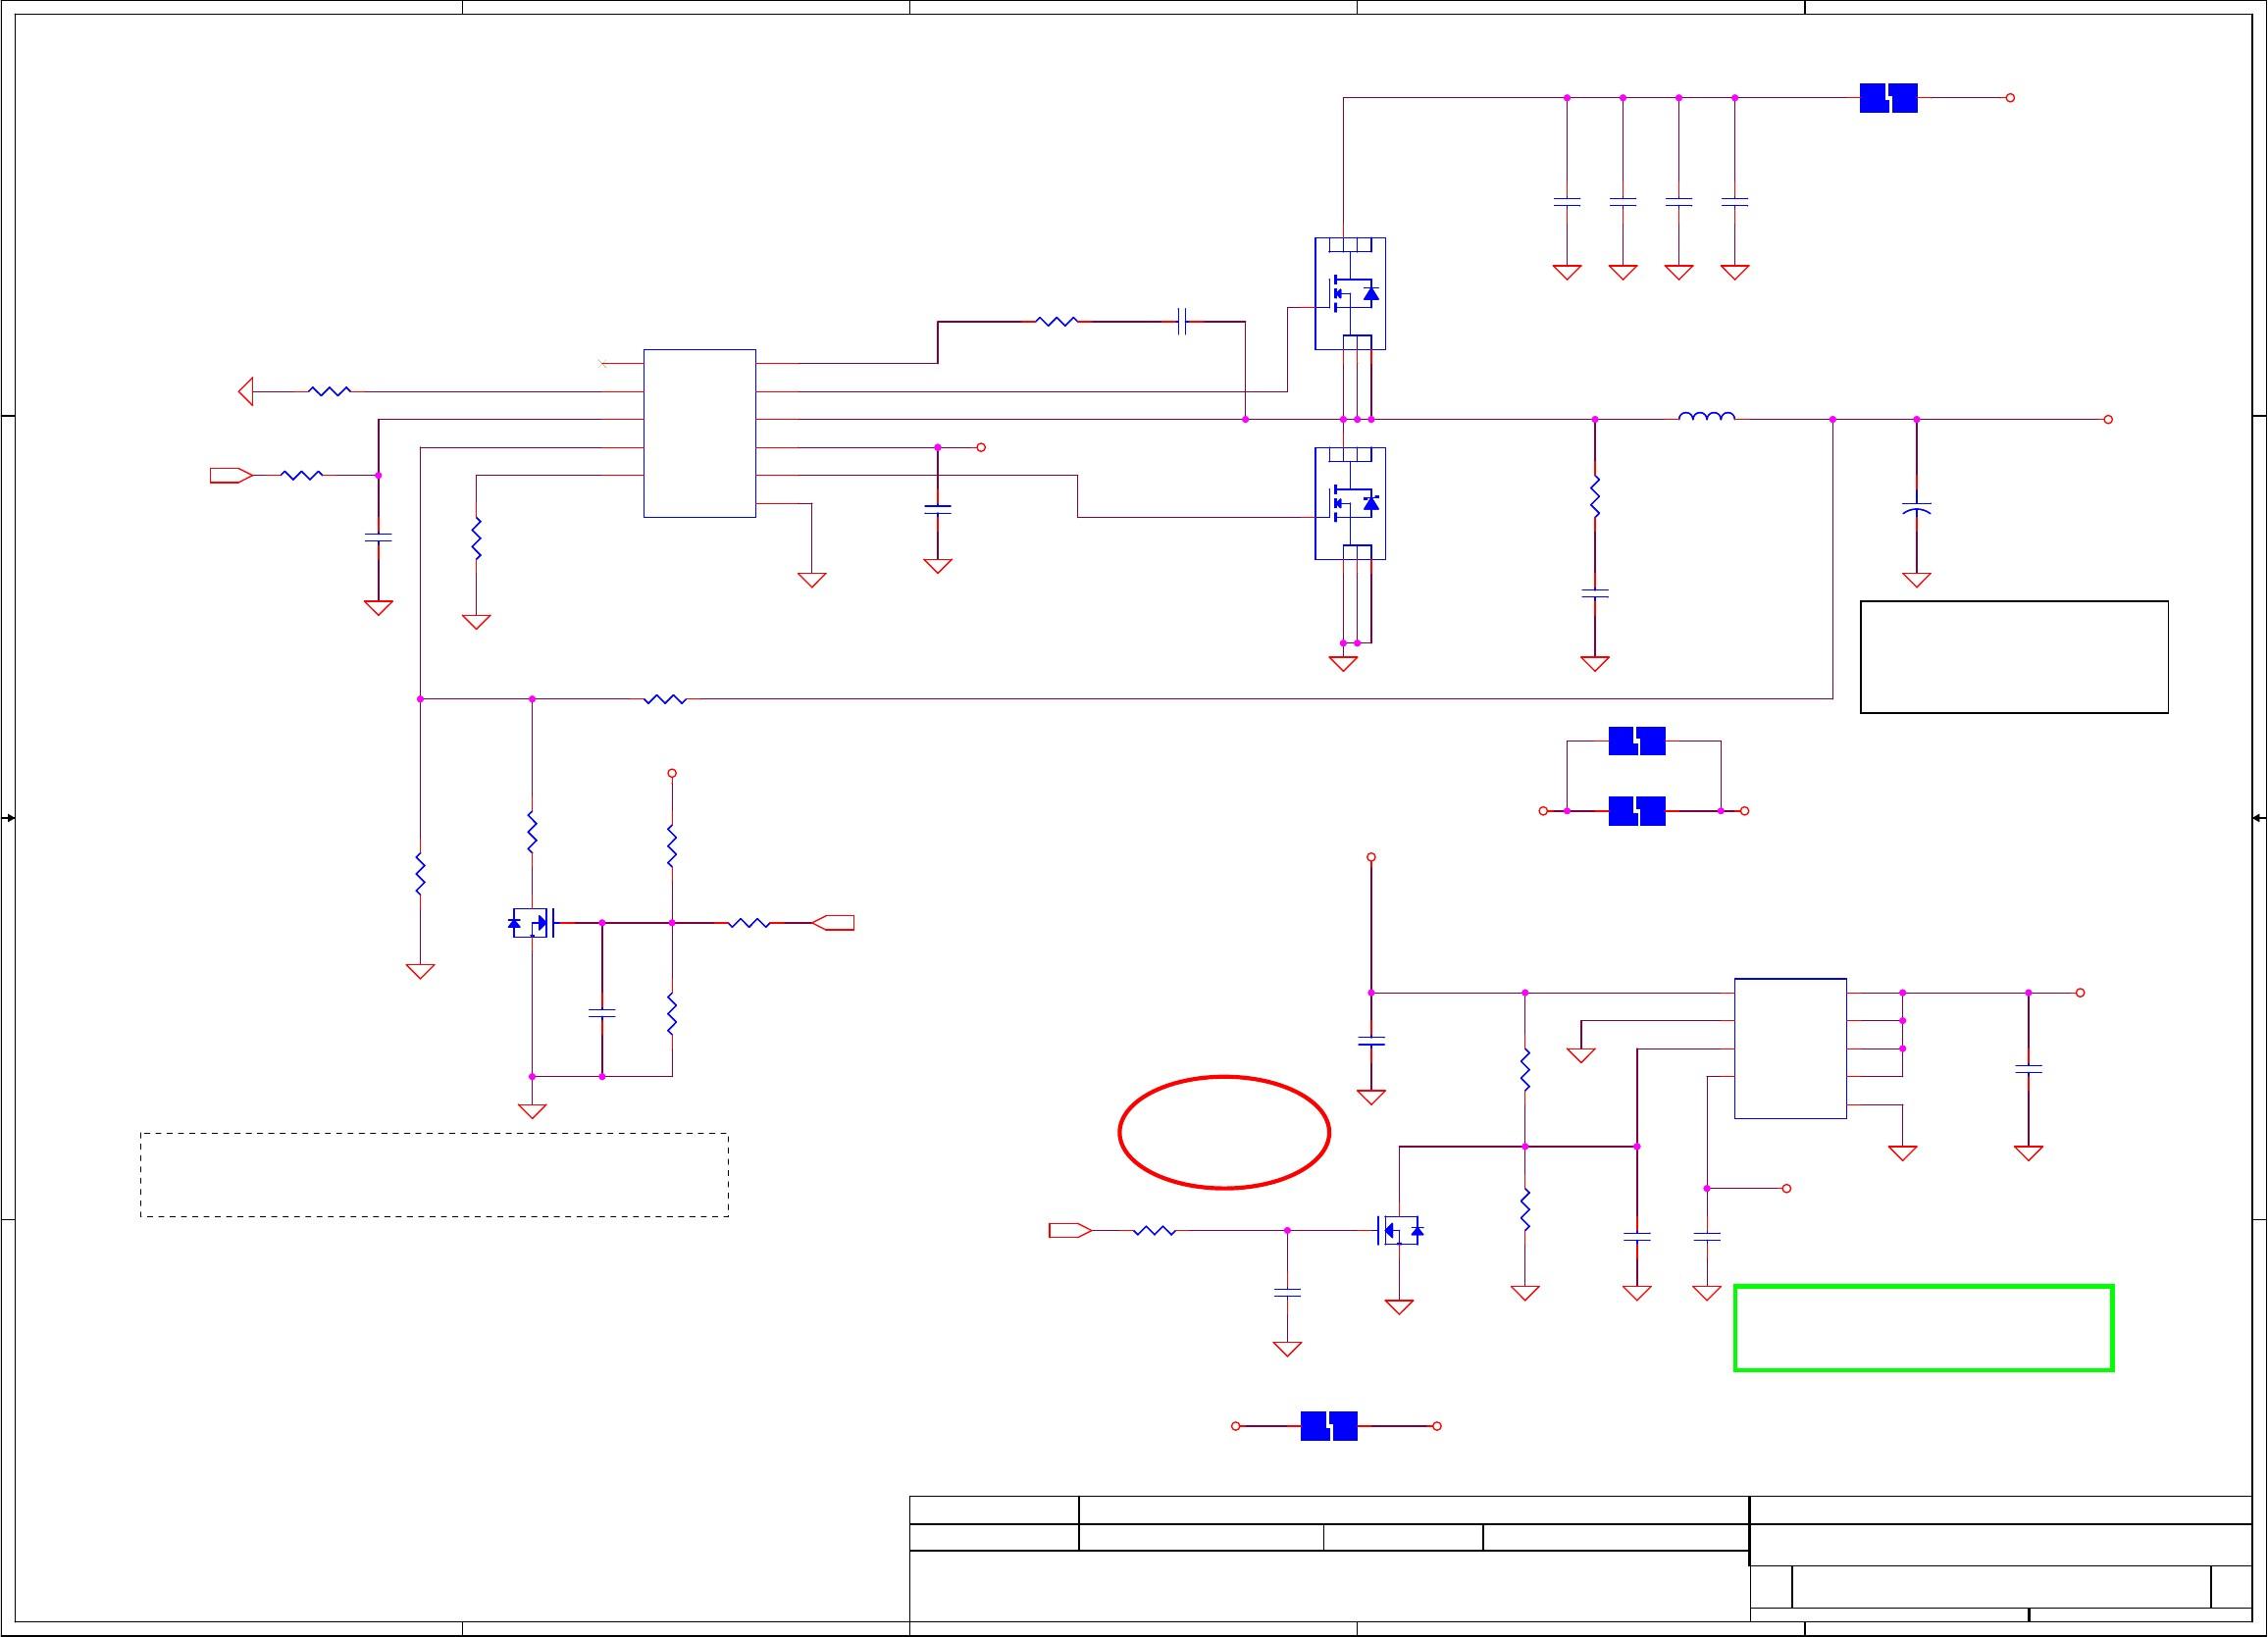 Snorkle M37m Electrical Schematic Pal La 7531p Schematics Manuals R0 1 Schematics Of Snorkle M37m Electrical Schematic